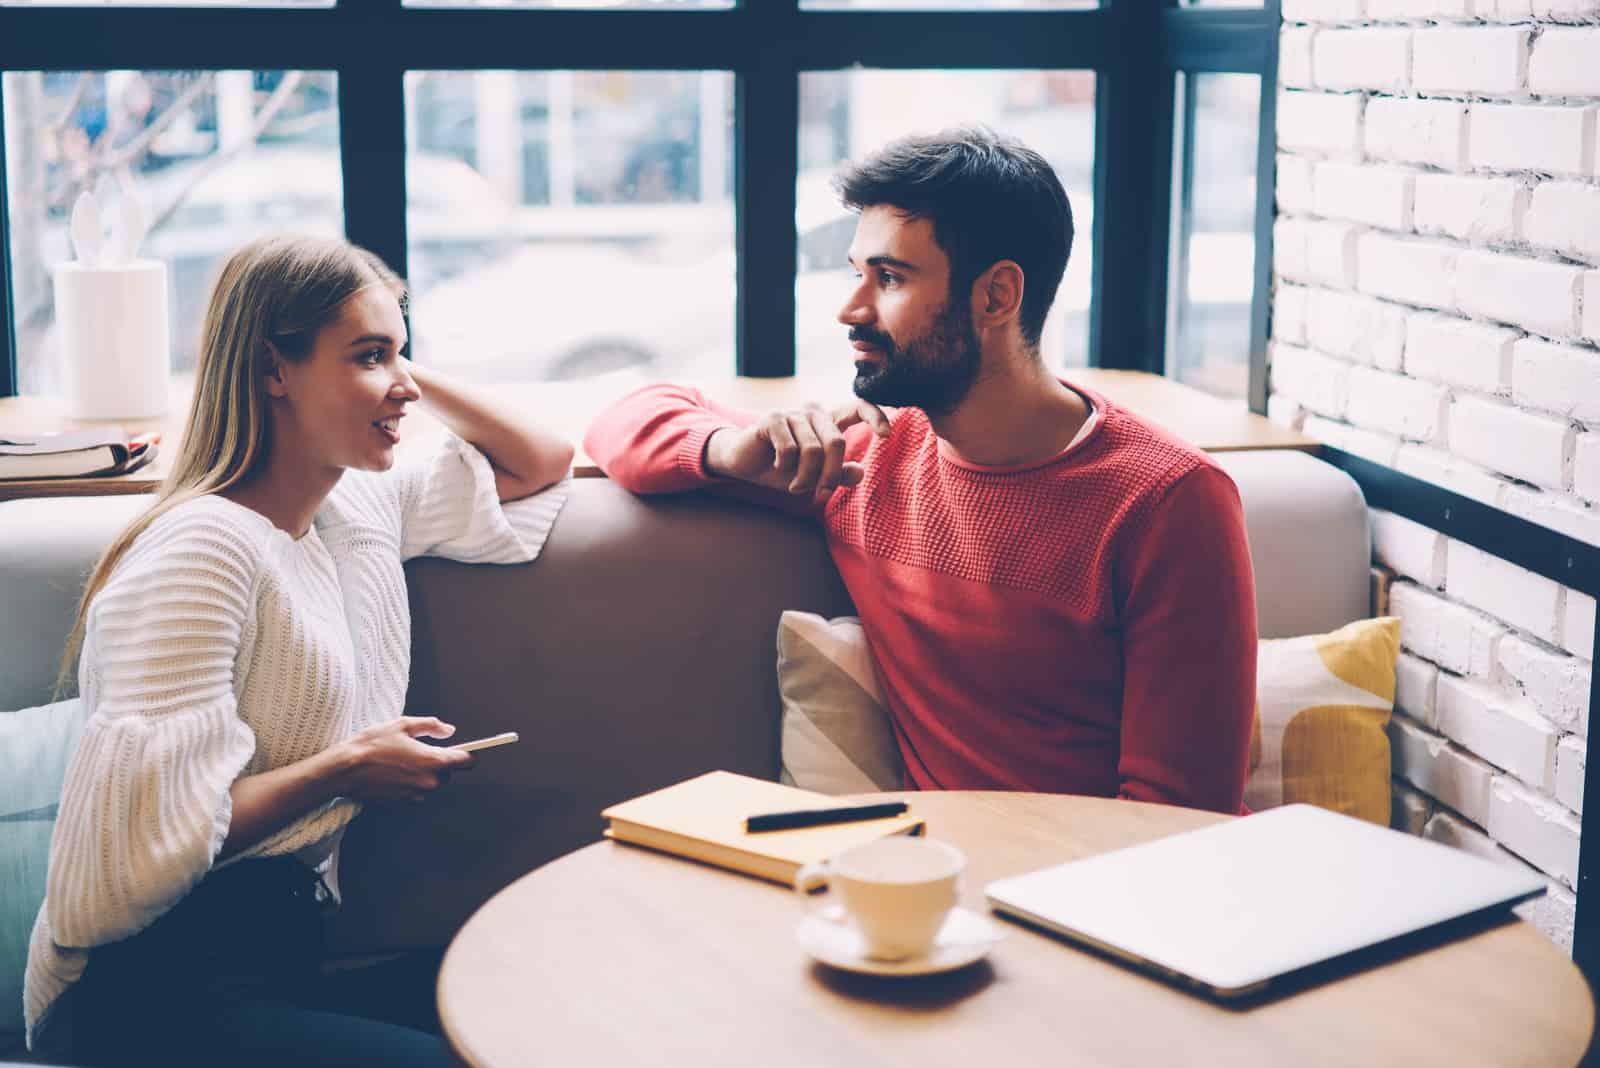 Jeune femme et homme parlant lors de la première date dans un café confortable, profitant de temps libre ensemble